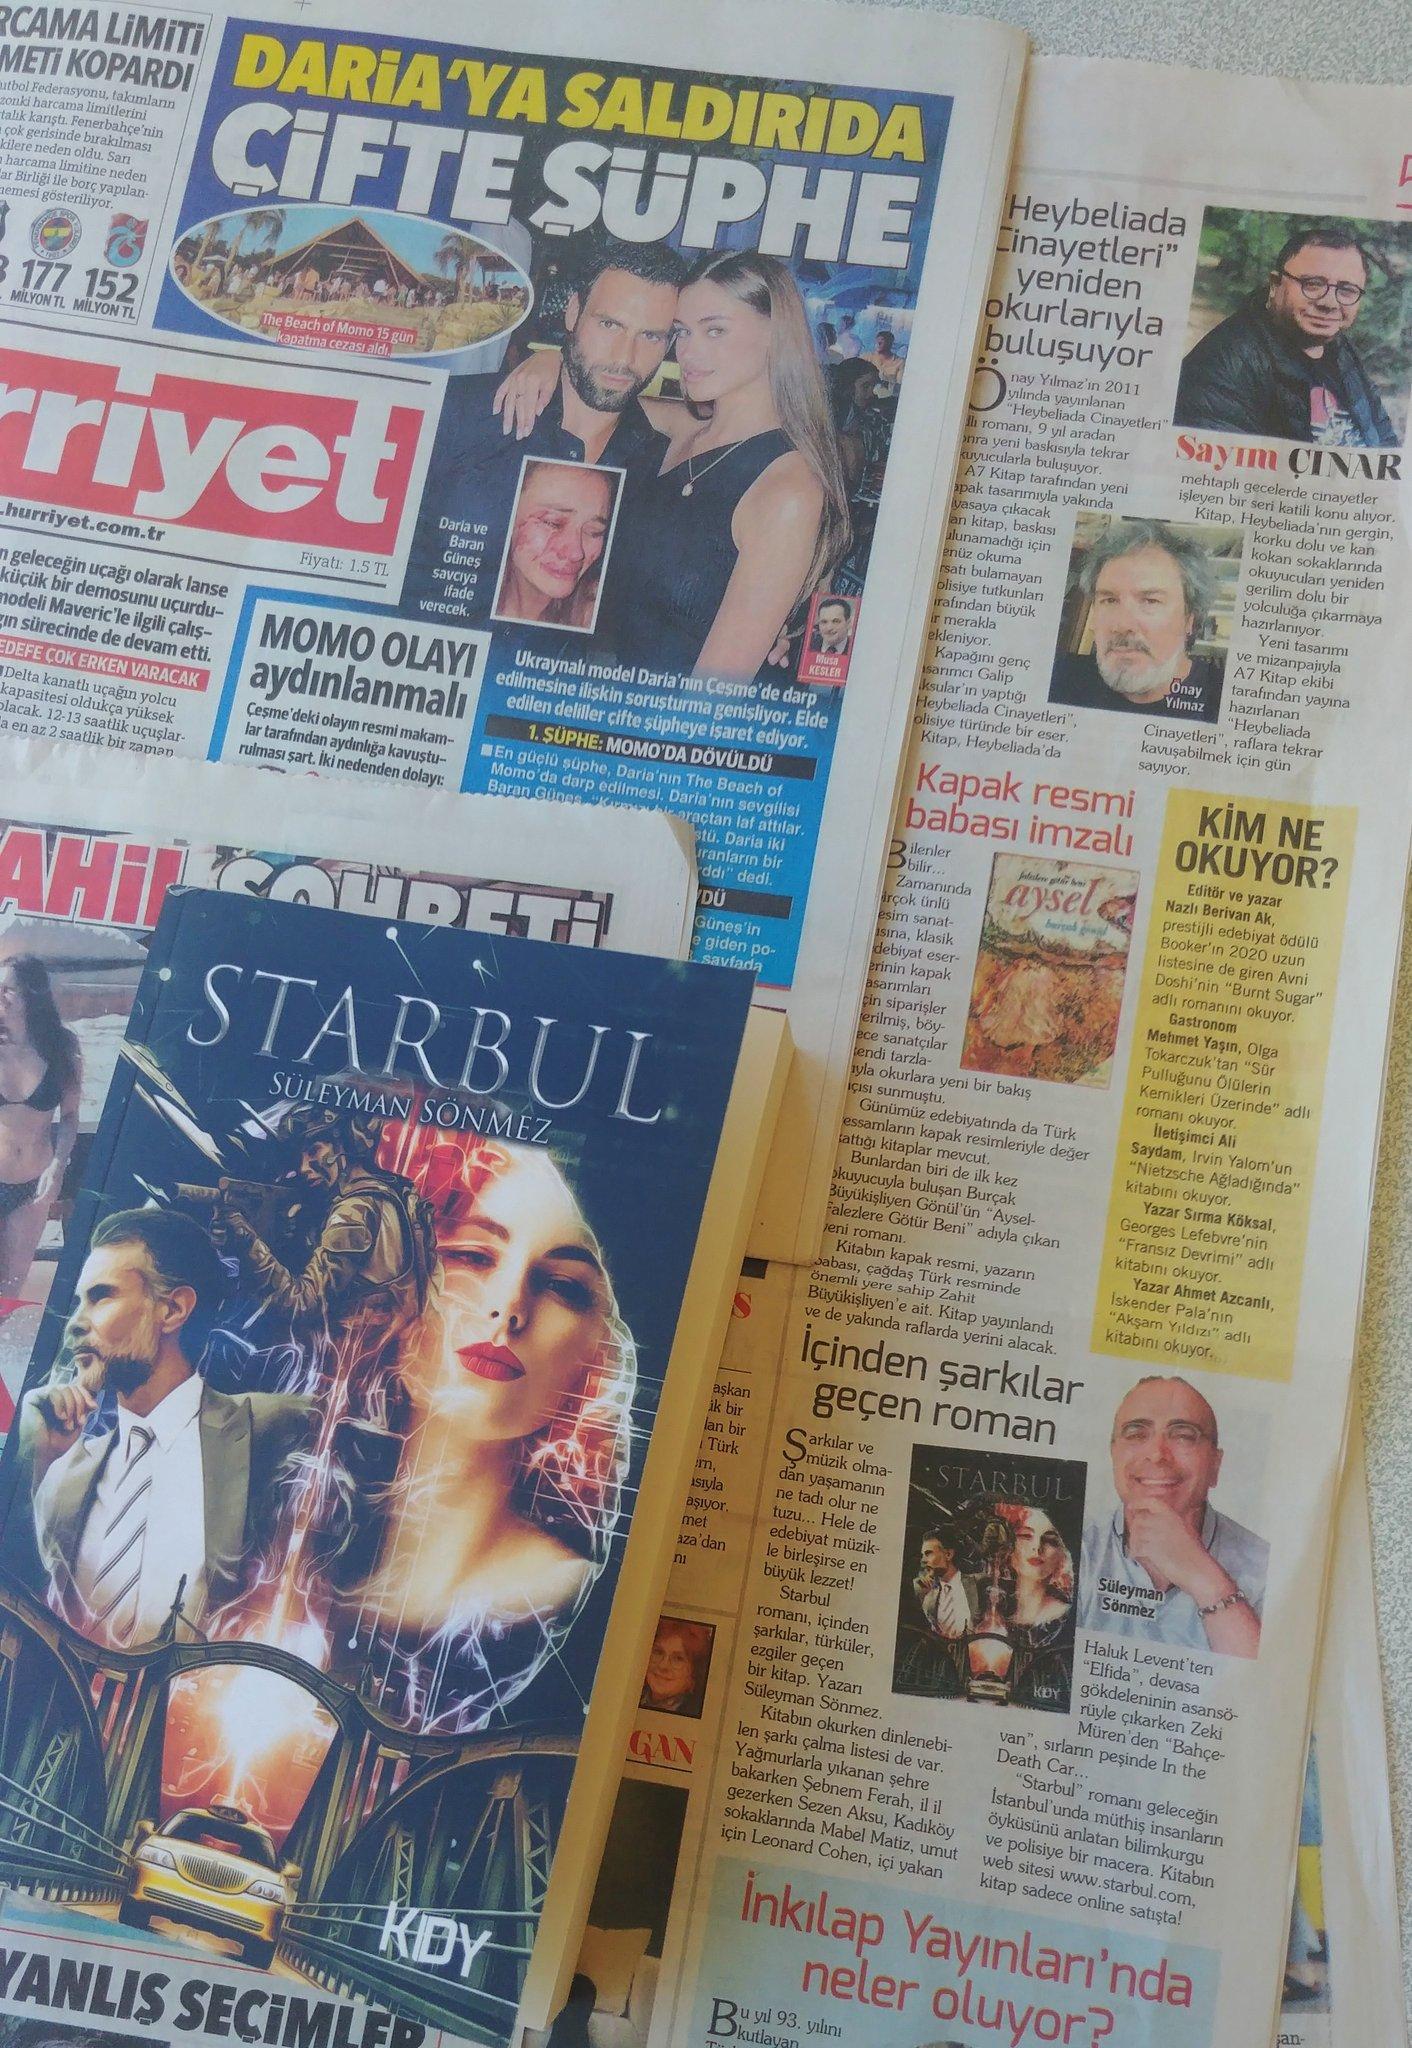 Starbul Hürriyet Gazetesi